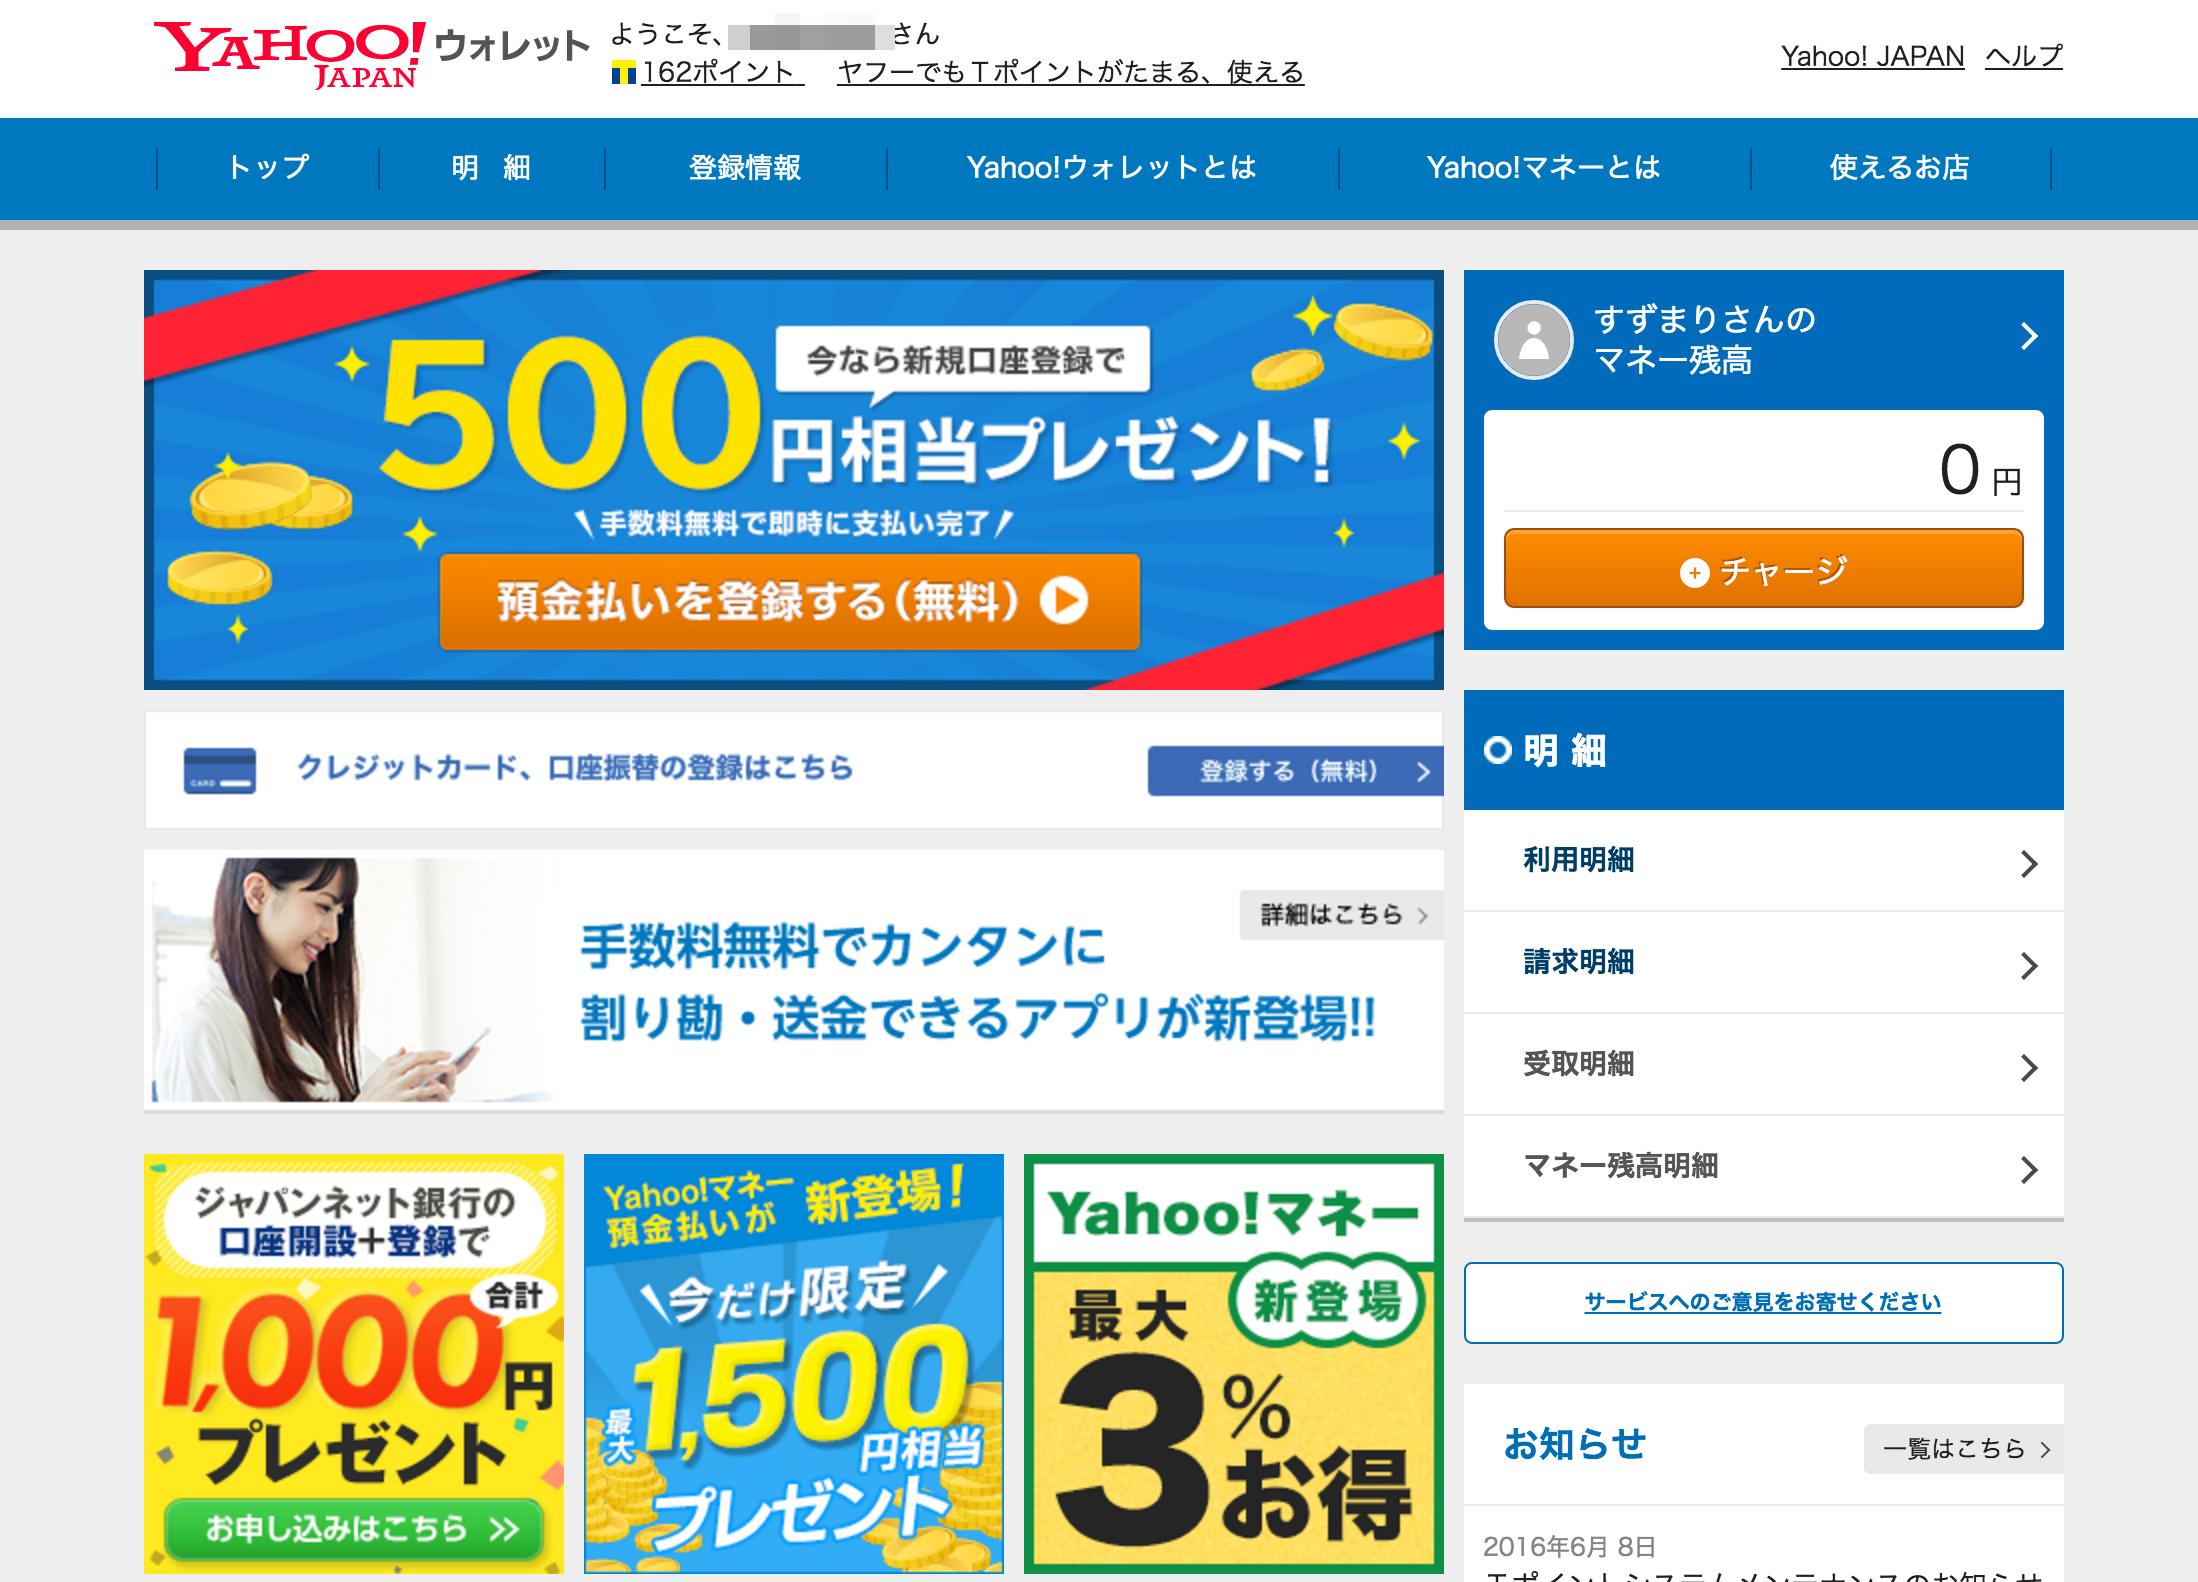 「Yahoo!マネー」の登録をすると、Yahoo!ウォレットのトップページで残高が分かるようになります